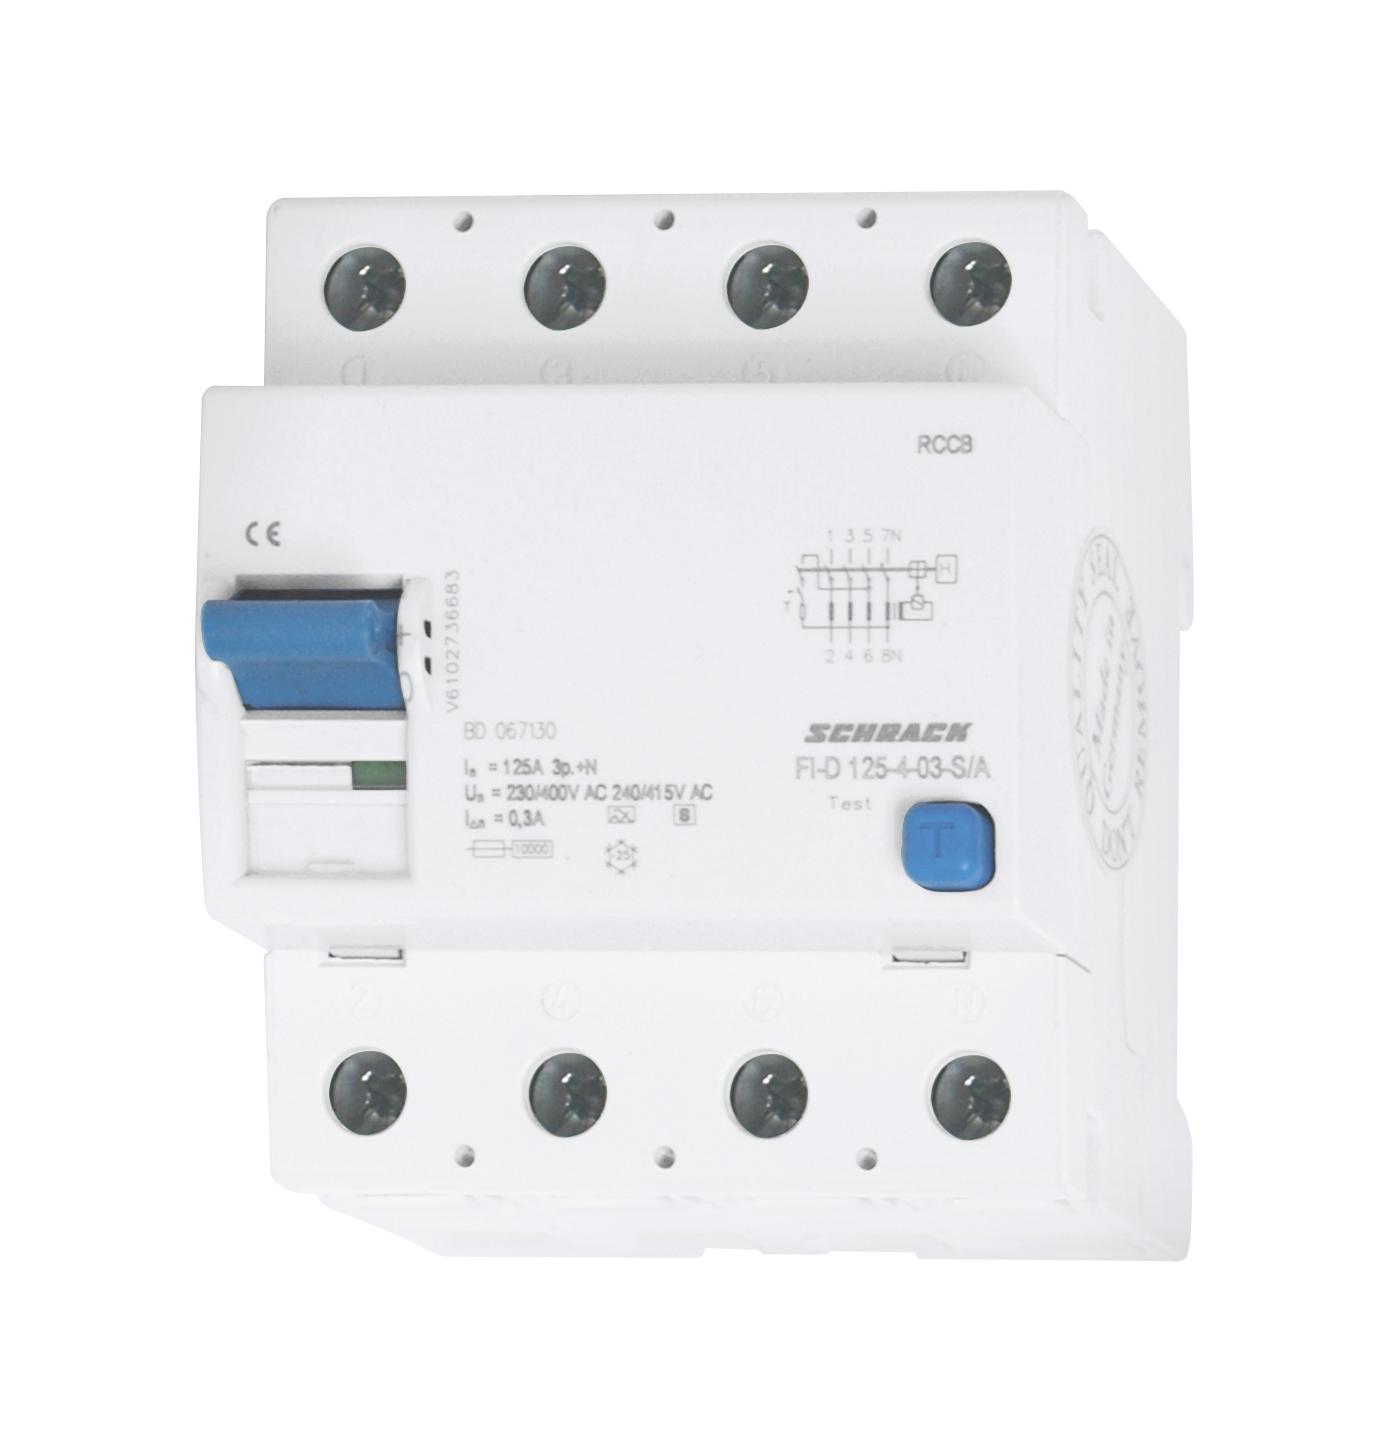 1 Stk FI-Schalter 125A, 4-polig, 300mA, Bauart S, Typ A (Puls) BD067130-A